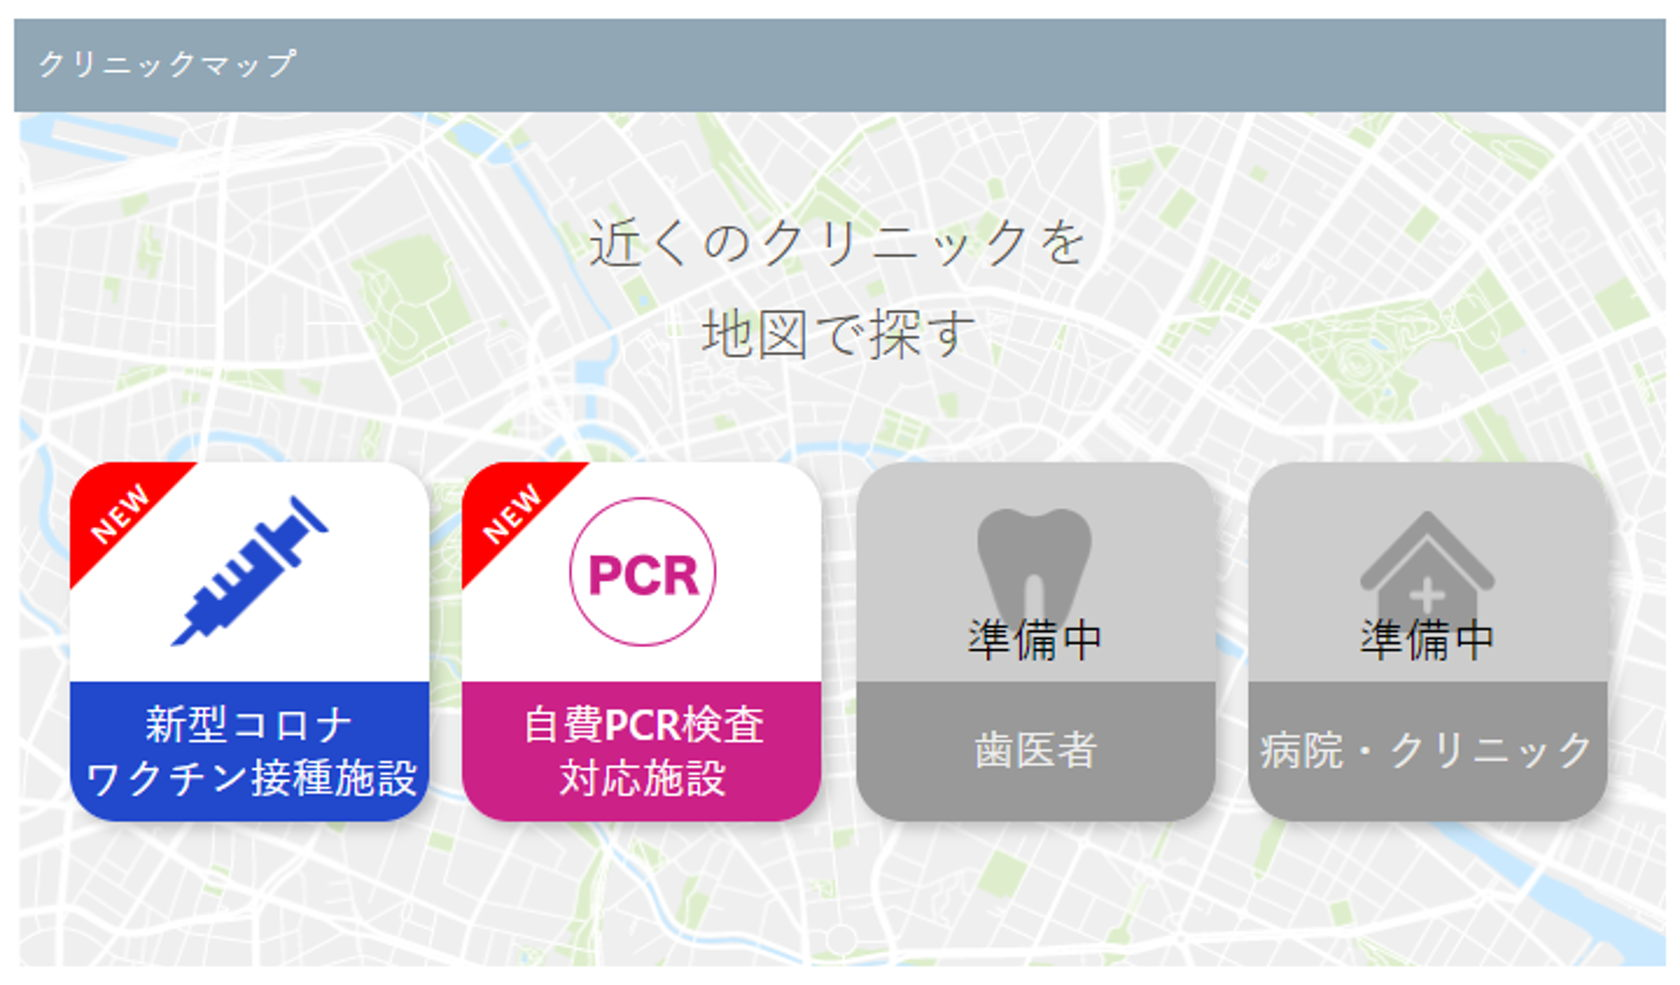 自費PCR検査マップも公開。今後は歯医者や病院・クリニックのマップも順次公開